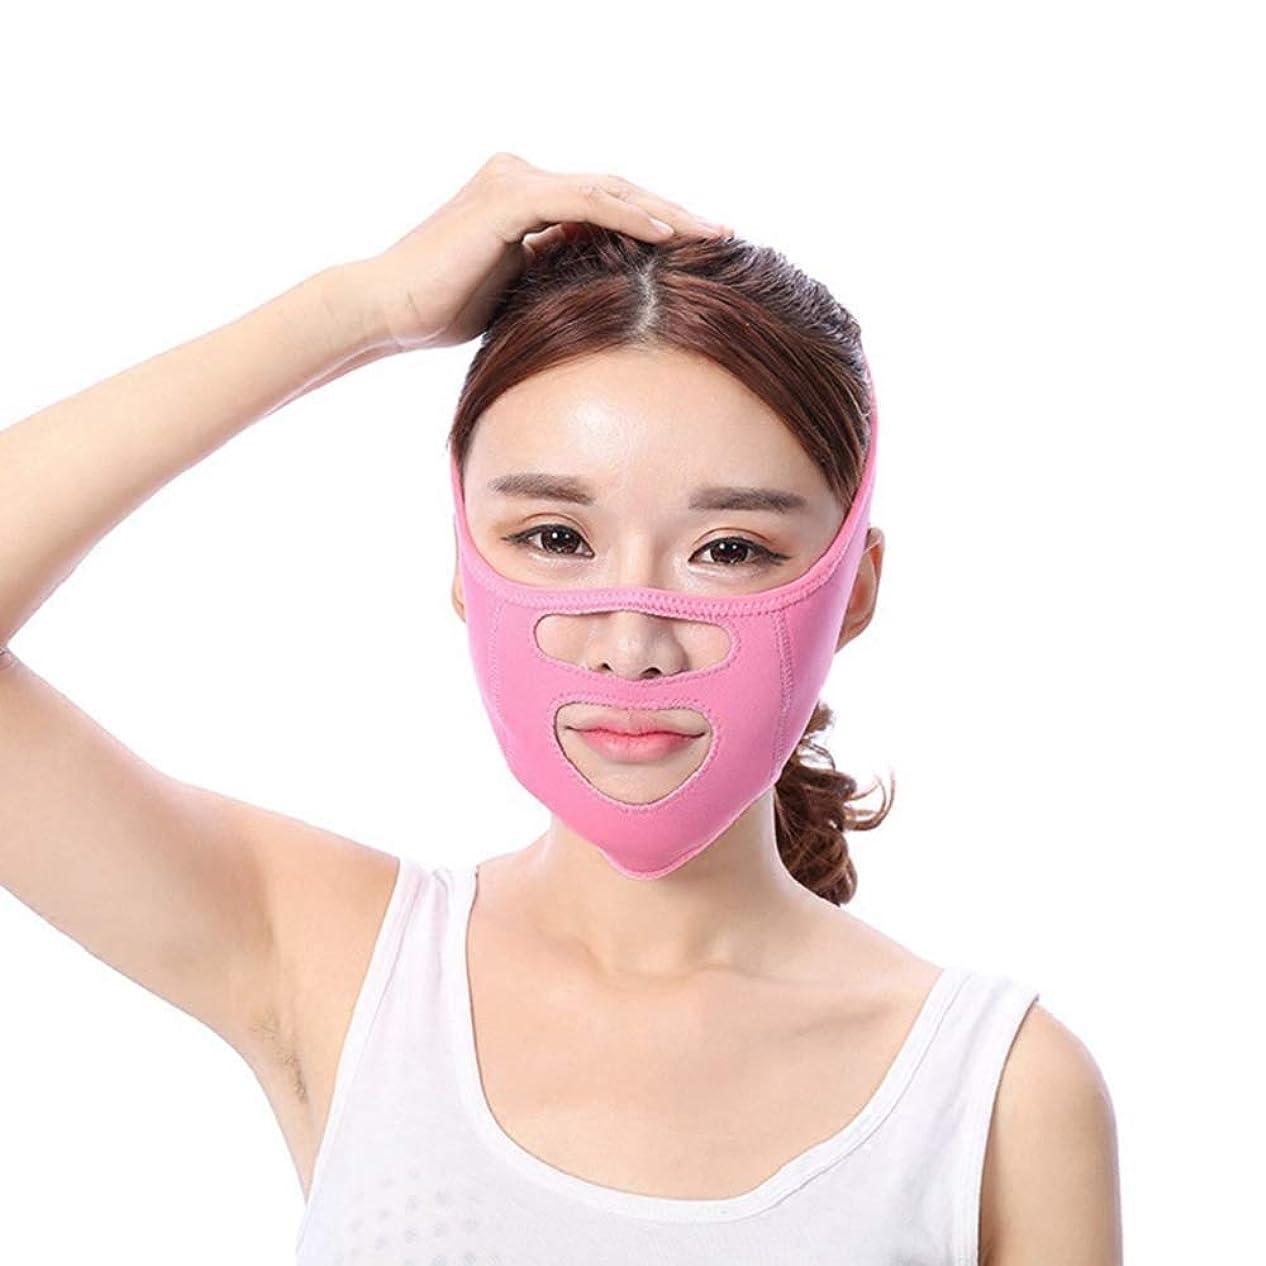 ブリーフケースわずかにクローンフェイスリフトベルトフェイスバンデージ美容機器リフティングファインディングダブルチン法令Vマスク睡眠マスク通気性 美しさ